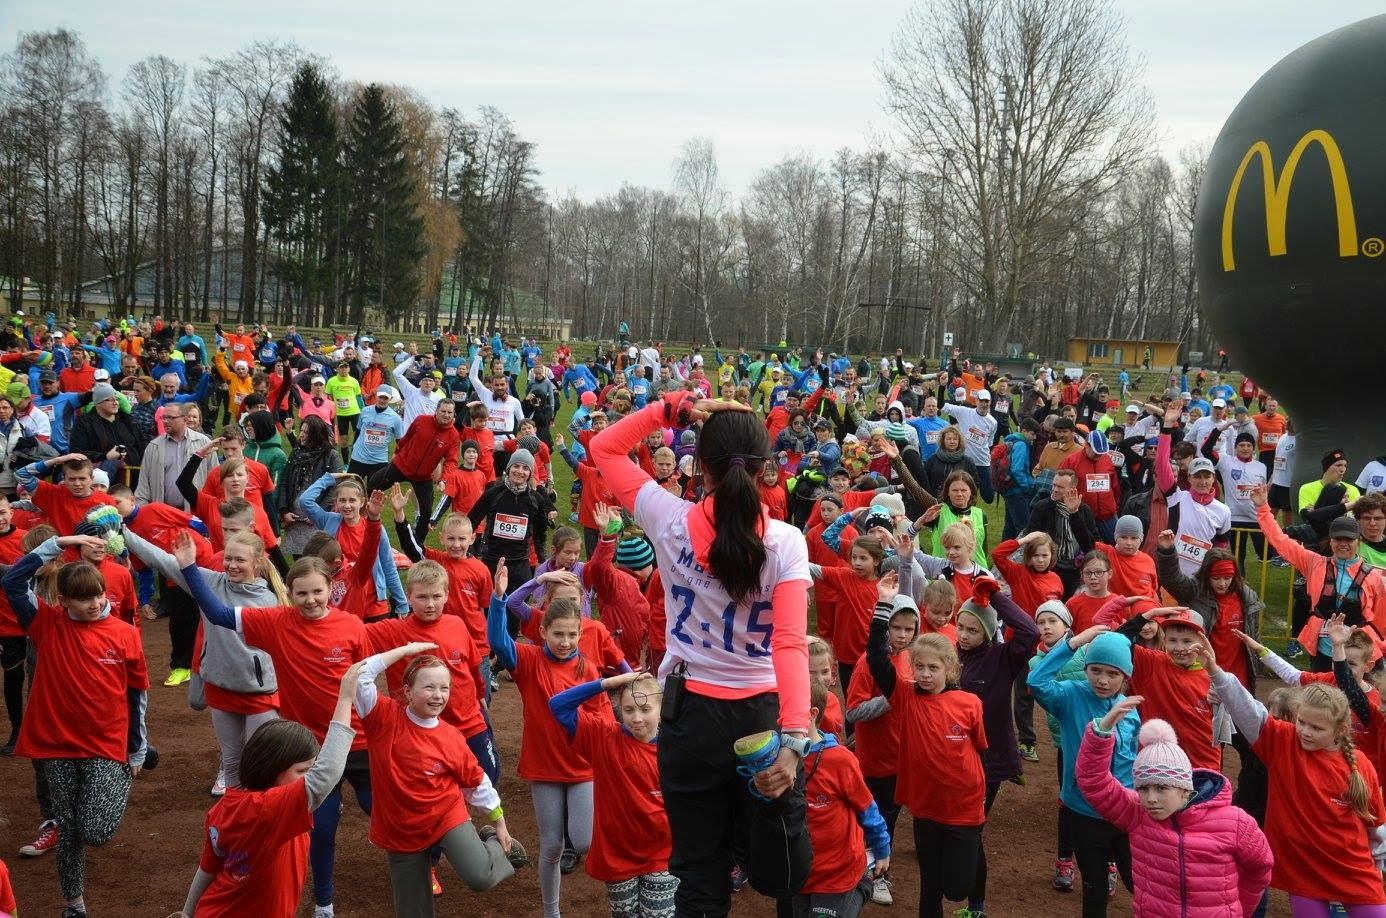 v pabianicki półmaraton 2015 - rozgrzewka przed półmaratonem